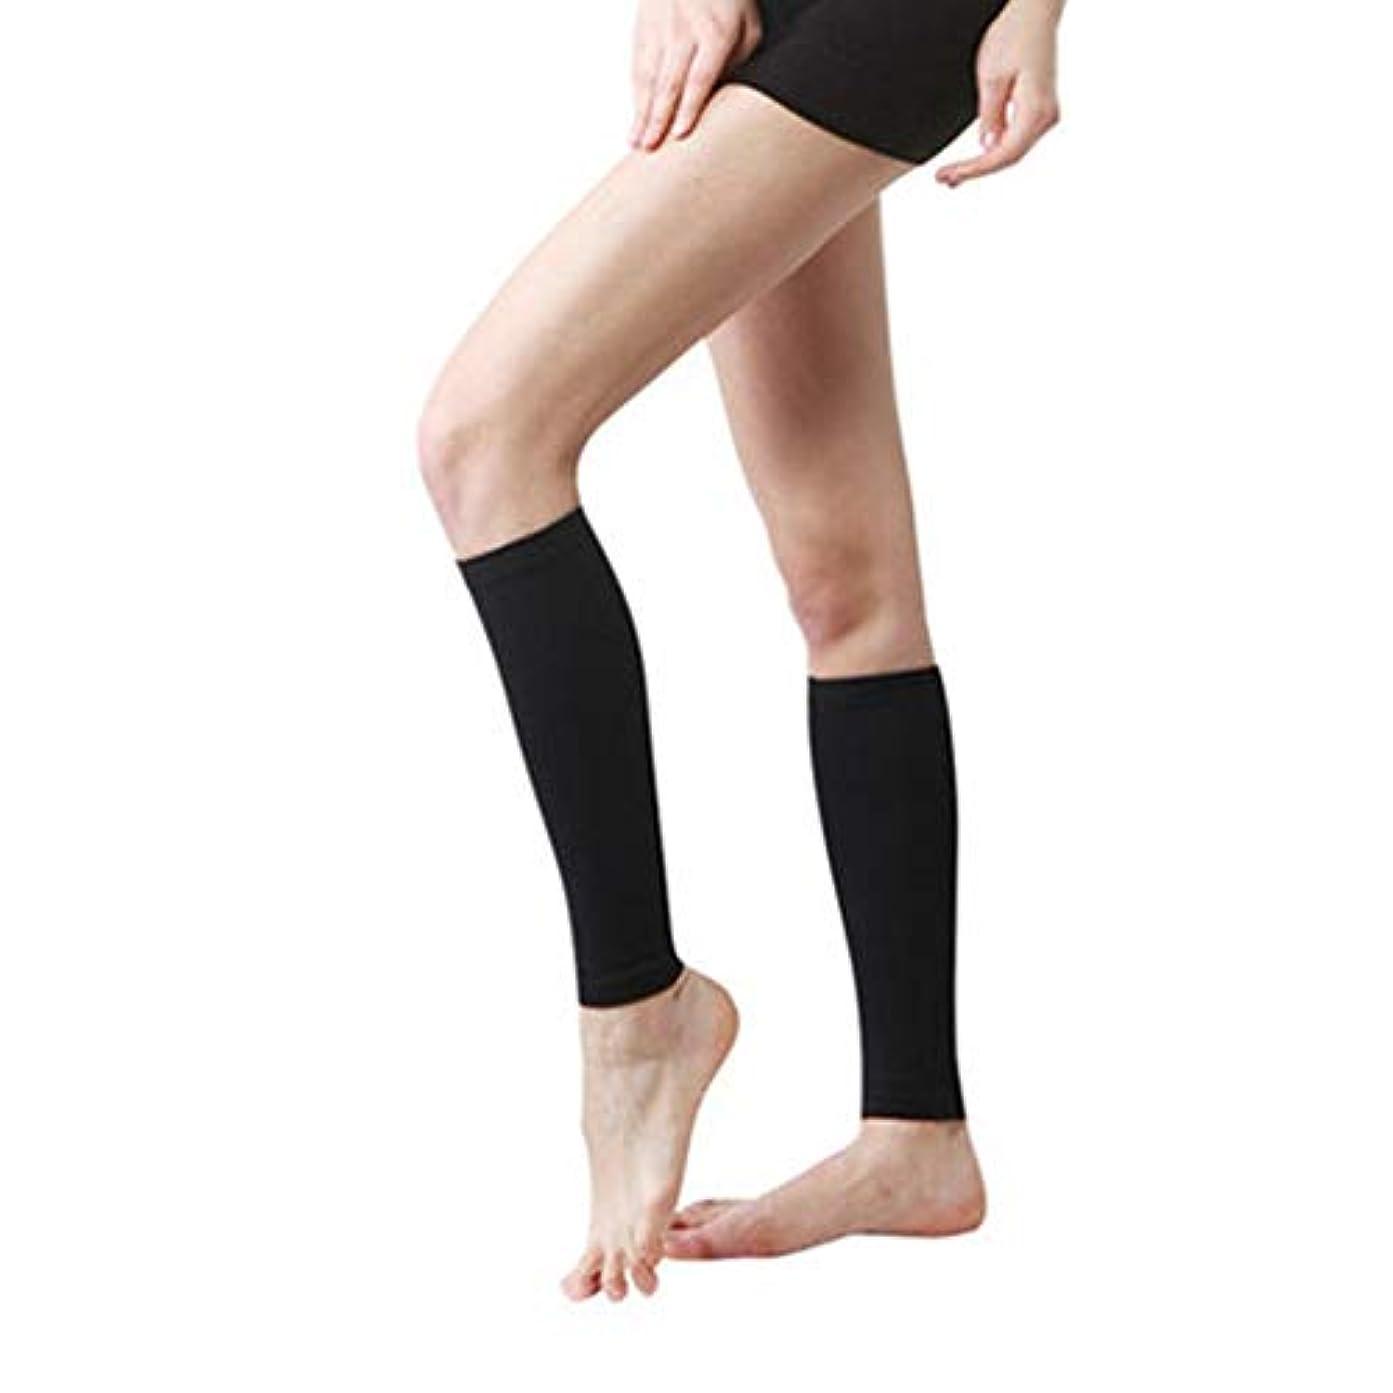 ミキサー法廷シャックル丈夫な男性女性プロの圧縮靴下通気性のある旅行活動看護師用シンススプリントフライトトラベル - ブラック